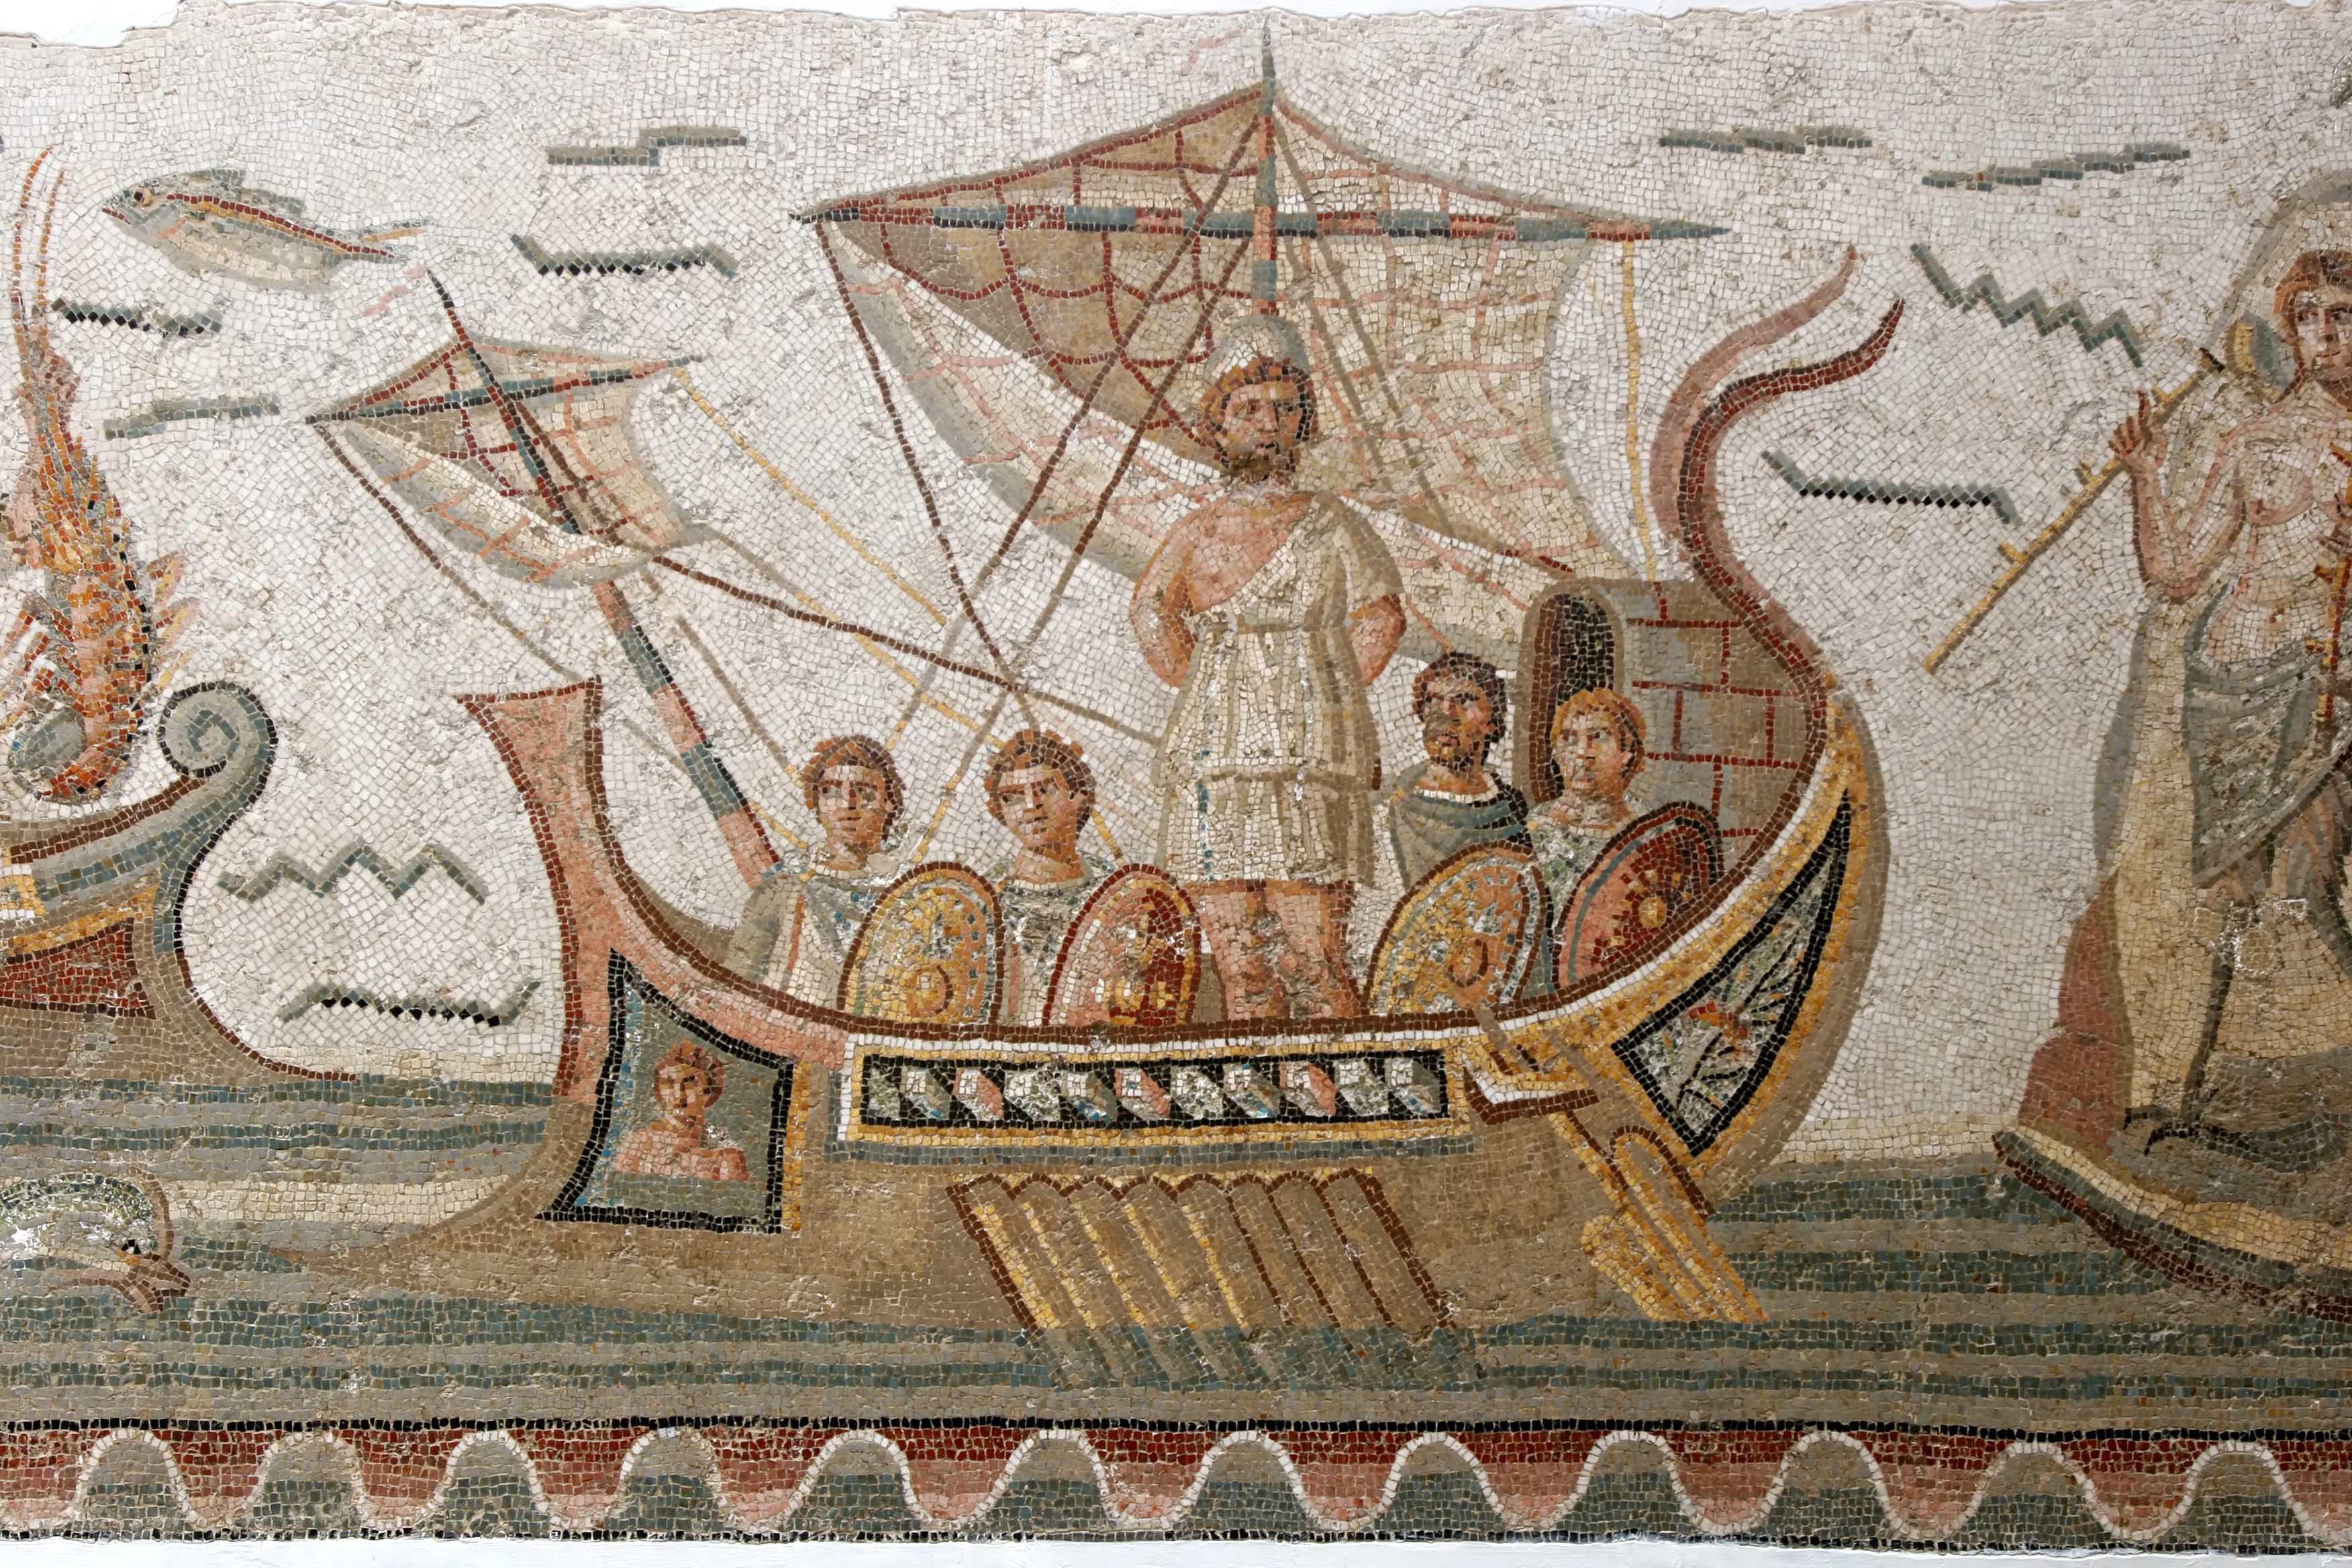 Ulixes (Odysseus) auf dem Weg nach Augusta Raurica als Abgesandter zur Prüfung der poetischen Qualitäten der Barbaren.